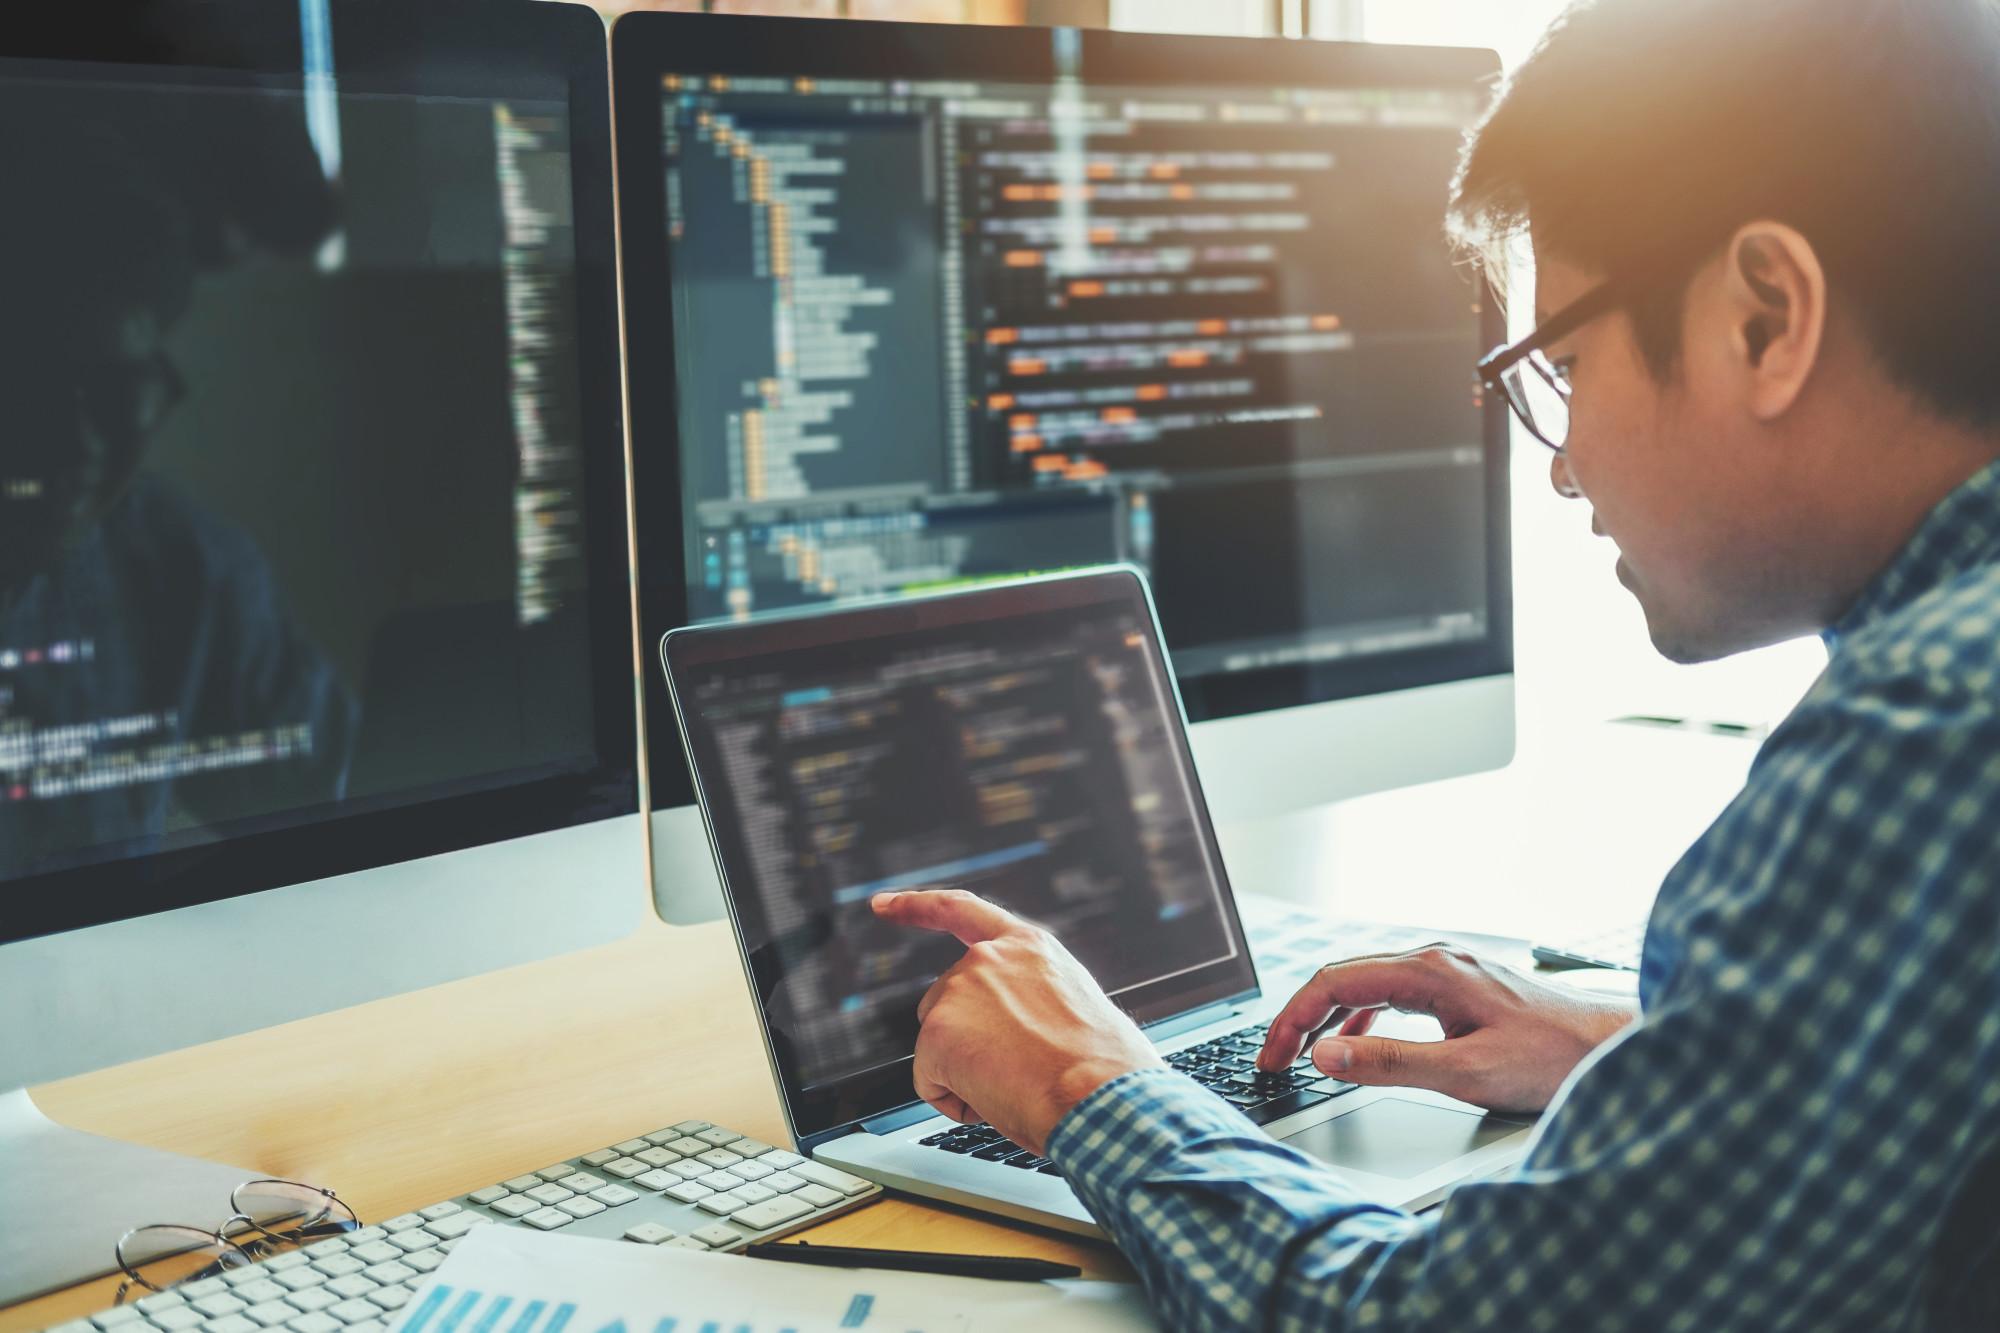 قابلیت ویژه افراد اتیستیک در آزمایش نرم افزار های کامپیوتری